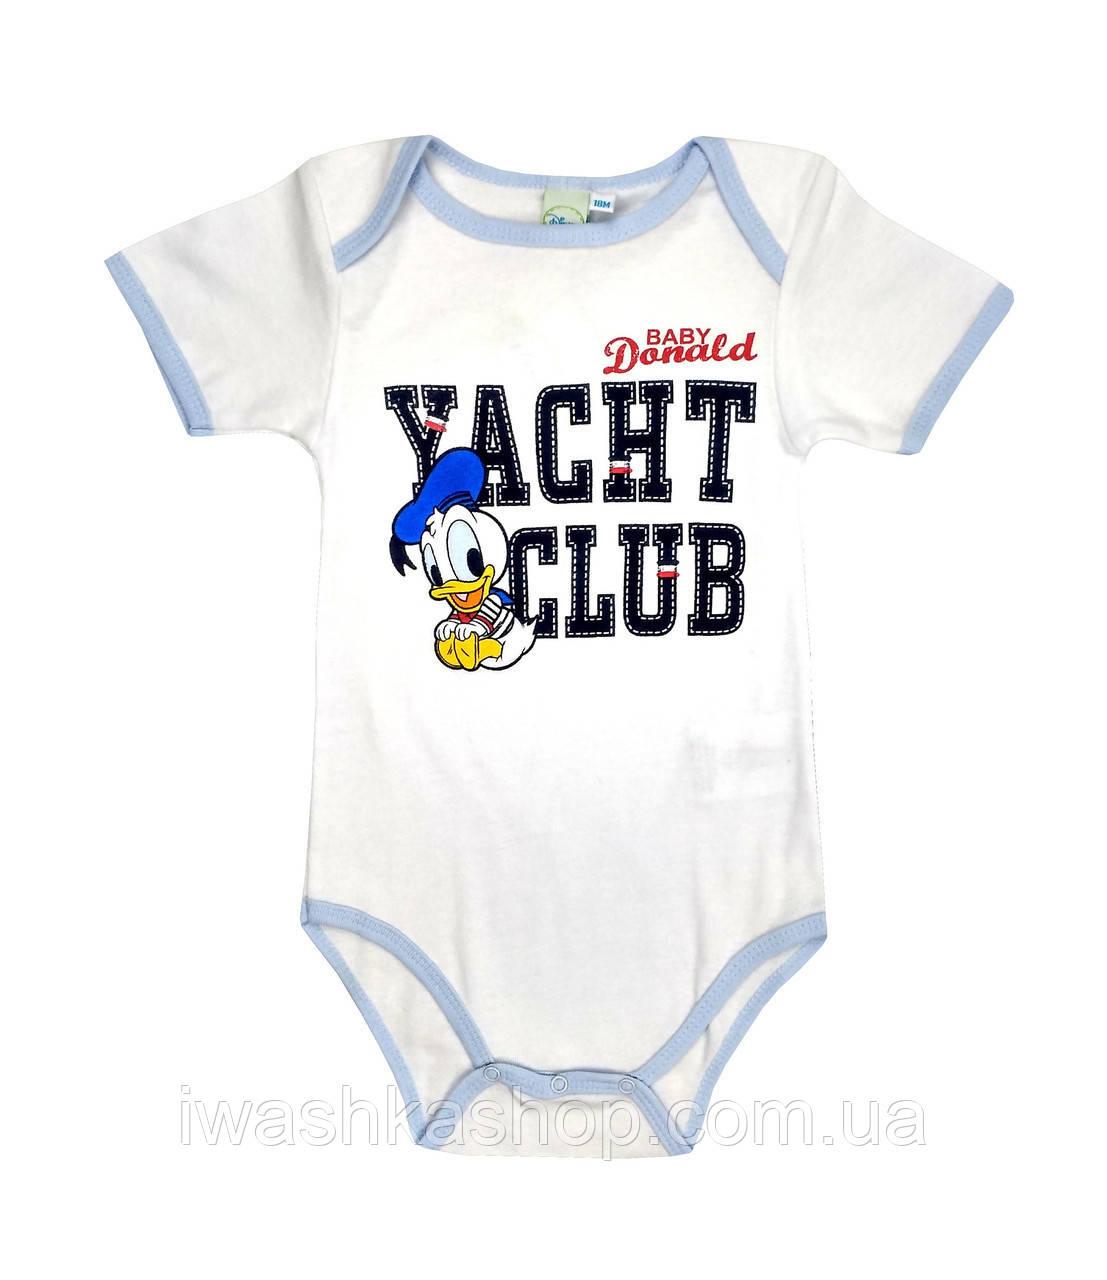 Стильное белое боди с коротким рукавом, с принтом Доналда Дака (Donald Duck) на мальчика 12 месяцев, Disney